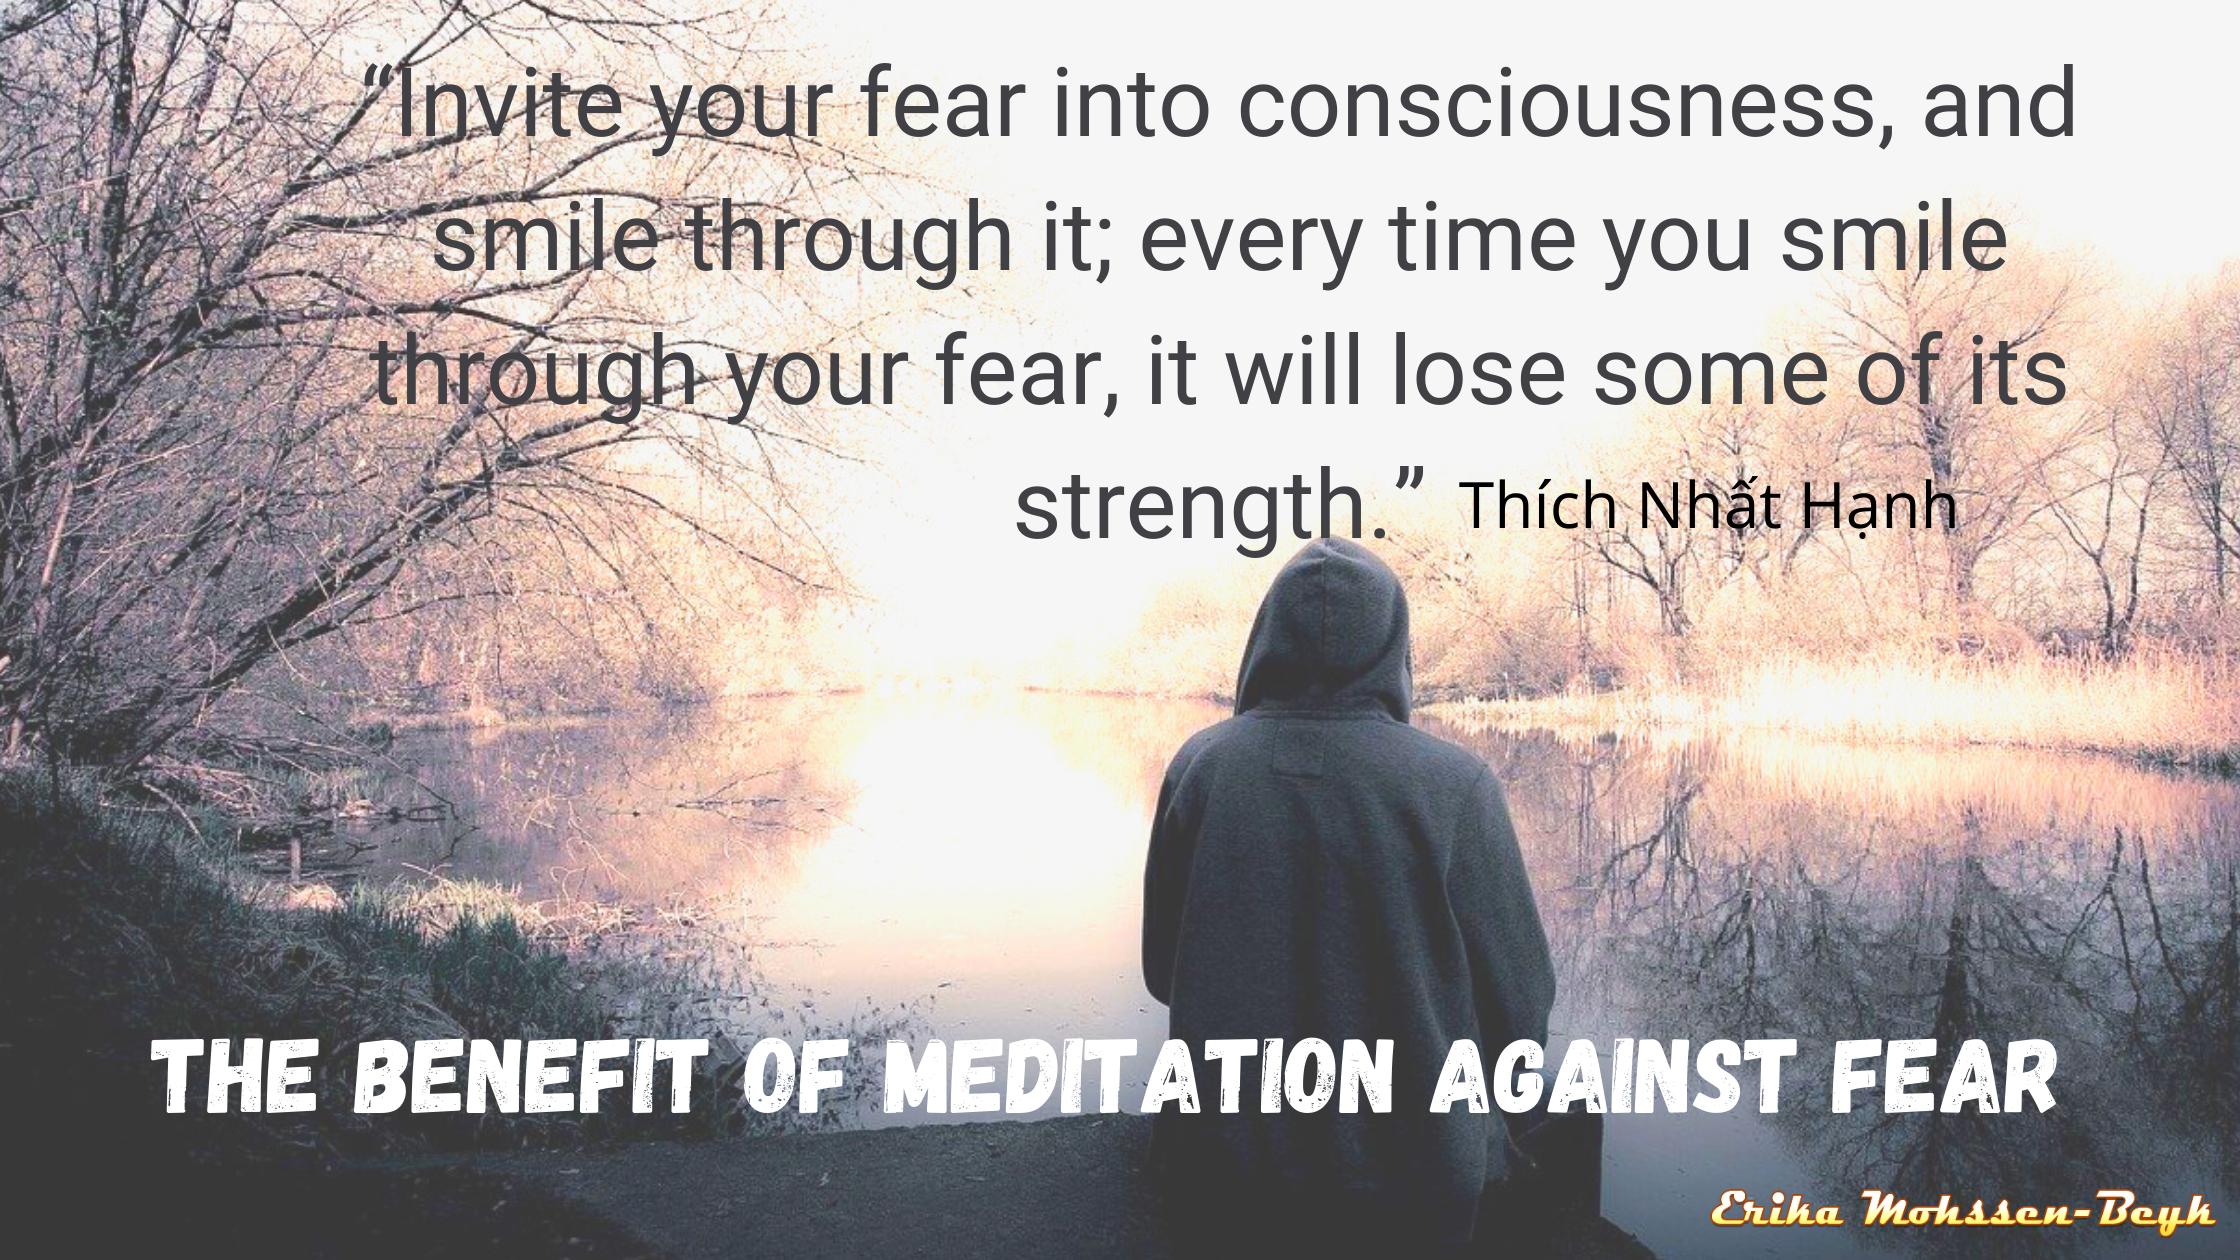 Meditation against fear